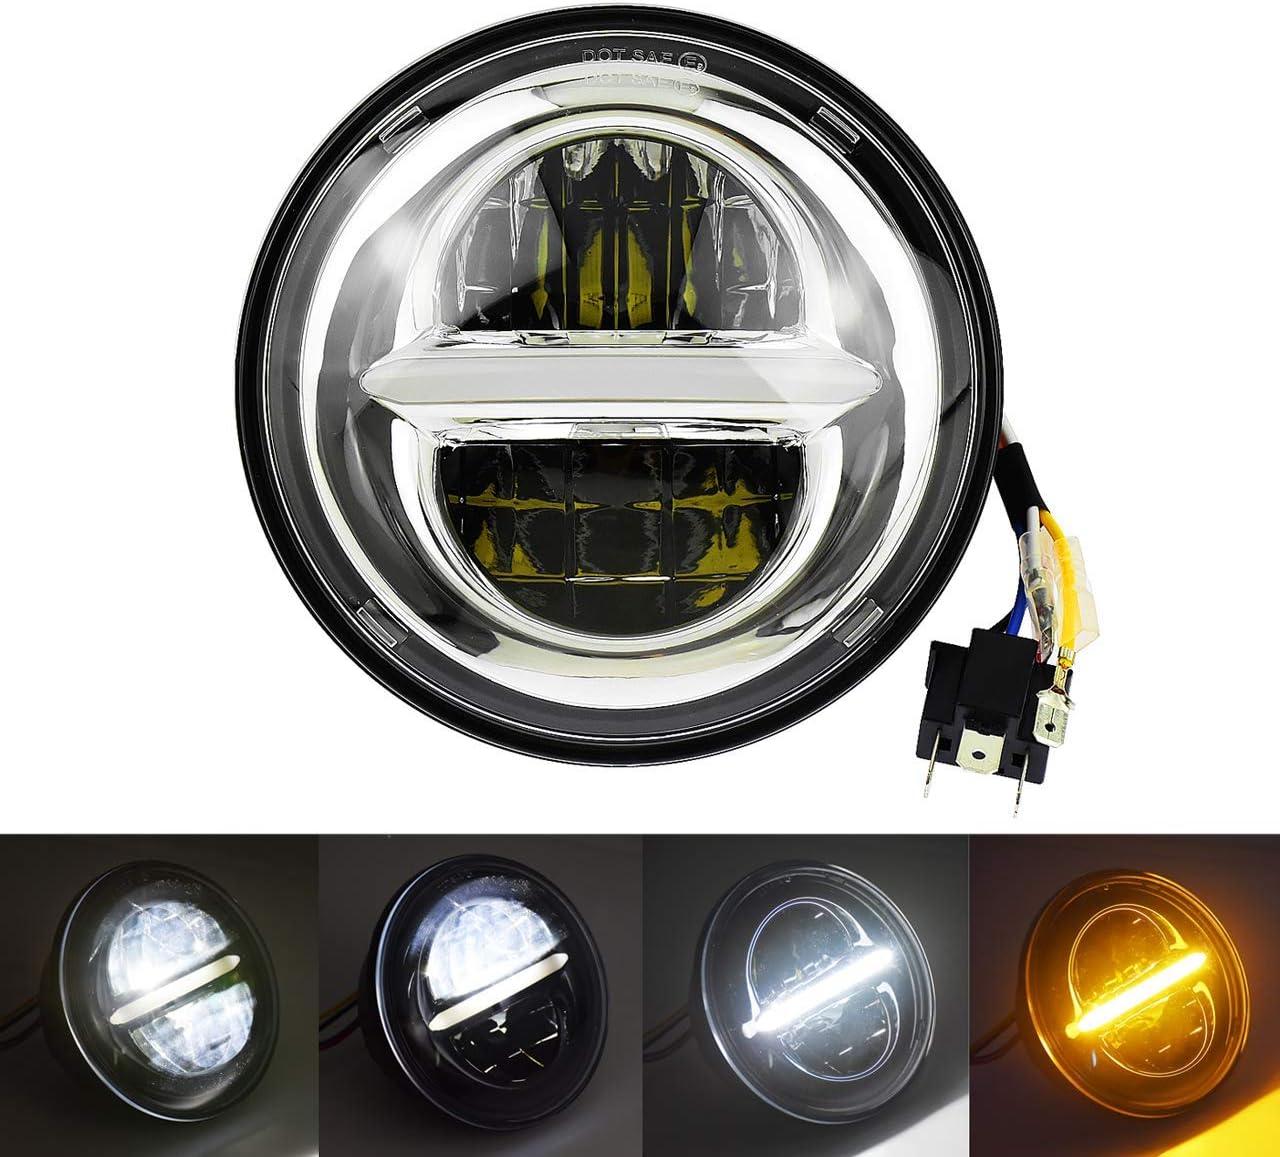 YUXIAOYU Motorrad 5,75 Zoll Projektor Scheinwerfer f/ür Harley Outdoor wasserdichte LED-Scheinwerfer Abblendlicht Tagfahrlicht